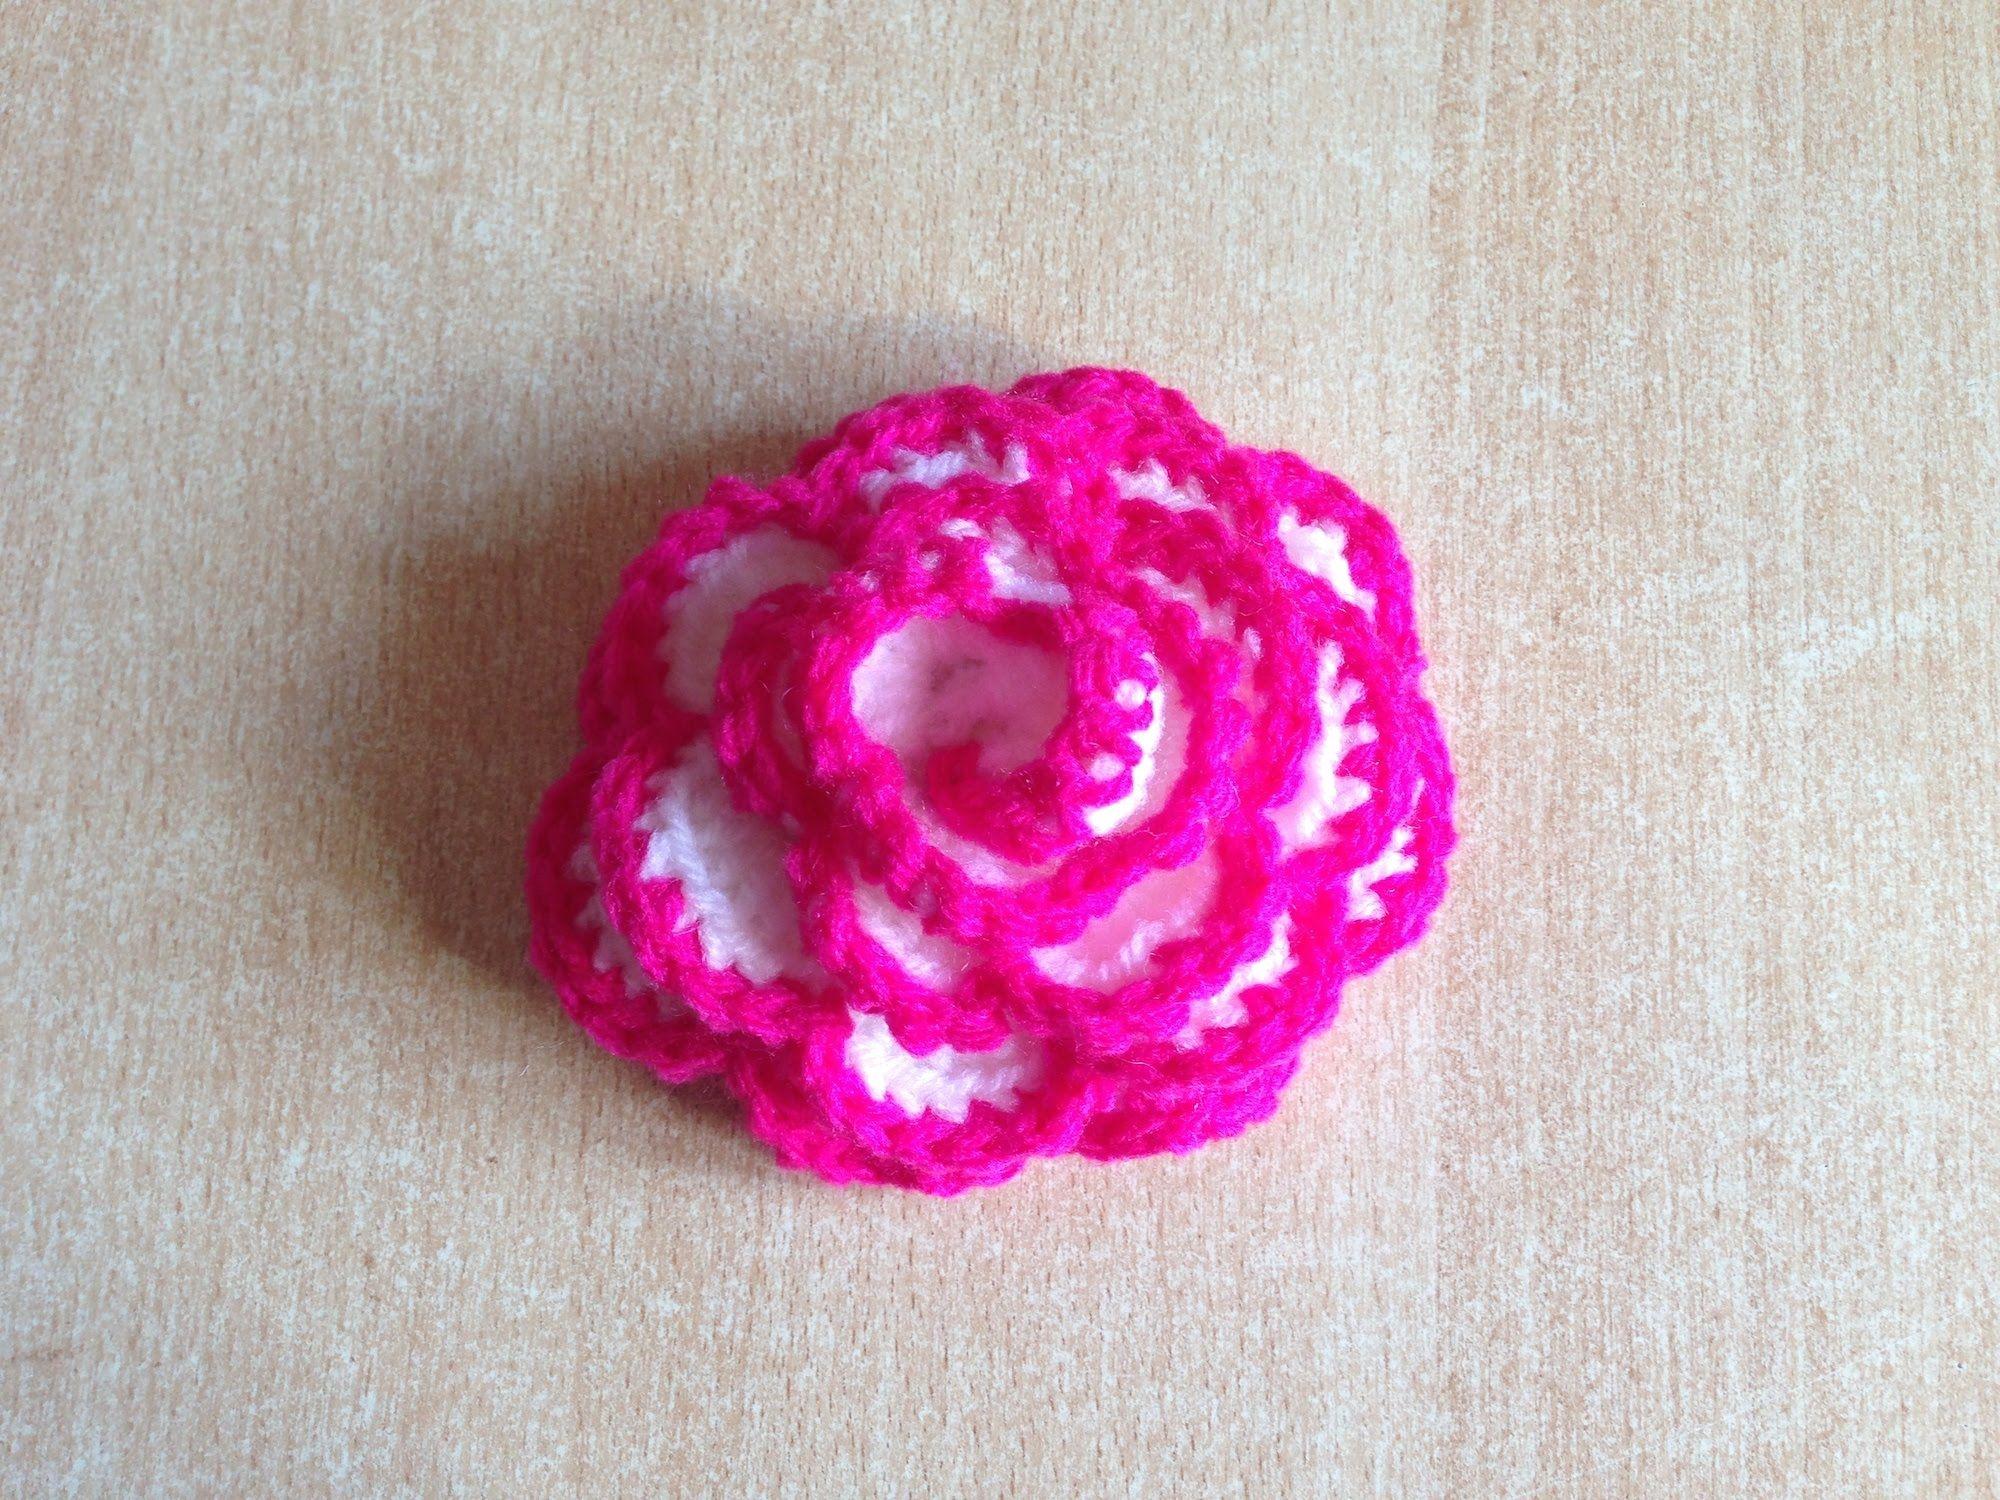 Rose facile au crochet personnalis es vos bonnets charpes sac a main etc avec ces jolies - Echarpe au crochet facile a faire ...